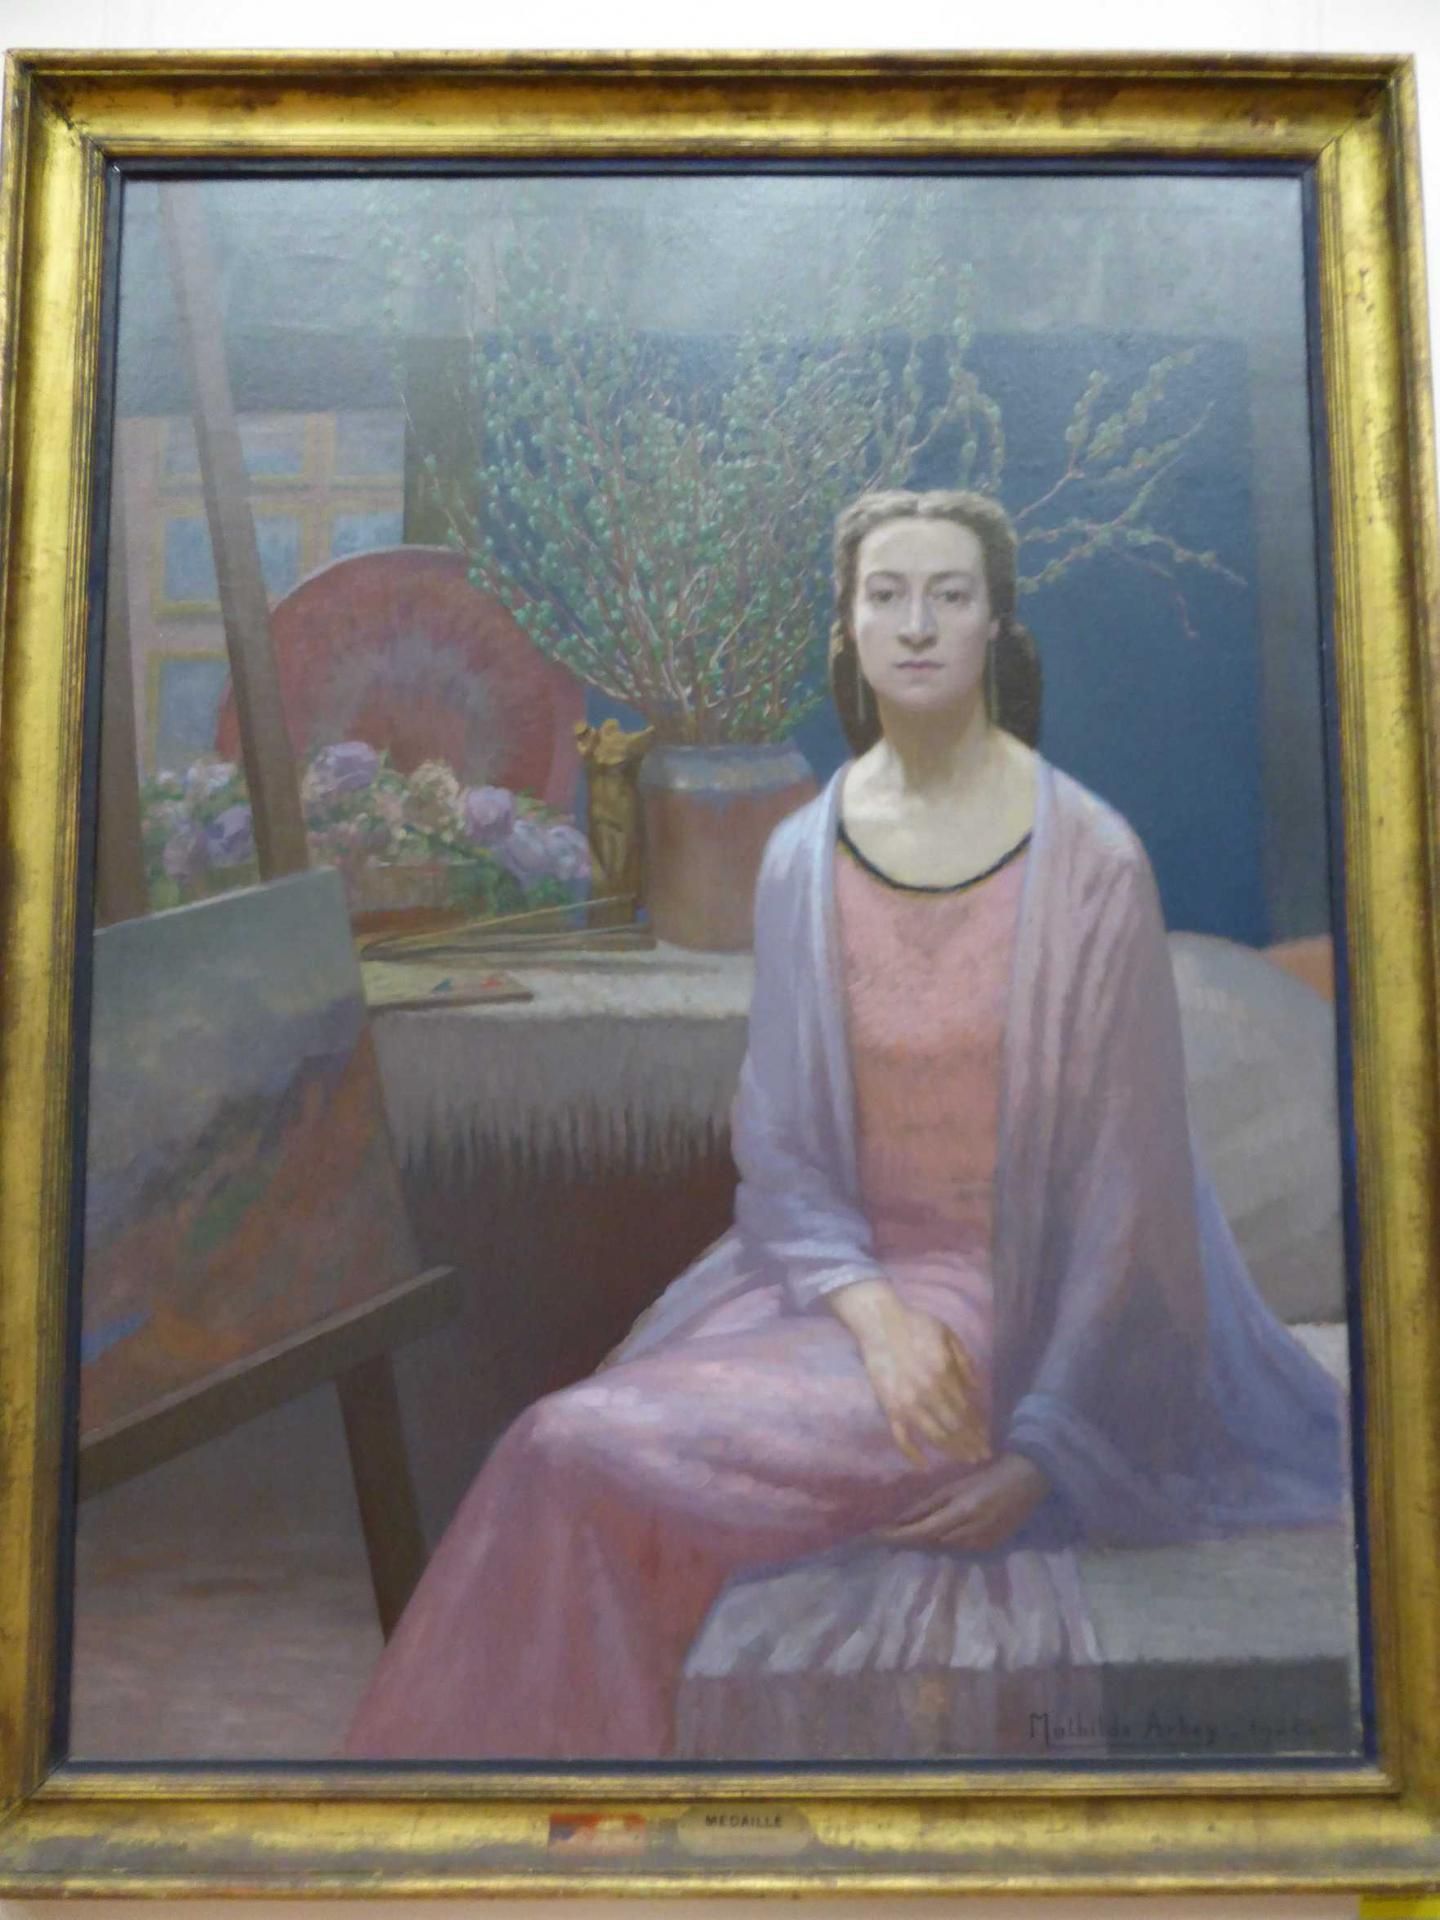 Mathilde Arbey, Fin de journée - Autoportrait dans l'atelier, 1928, Libourne, Musée municipal (cl. Ph. Cachau)